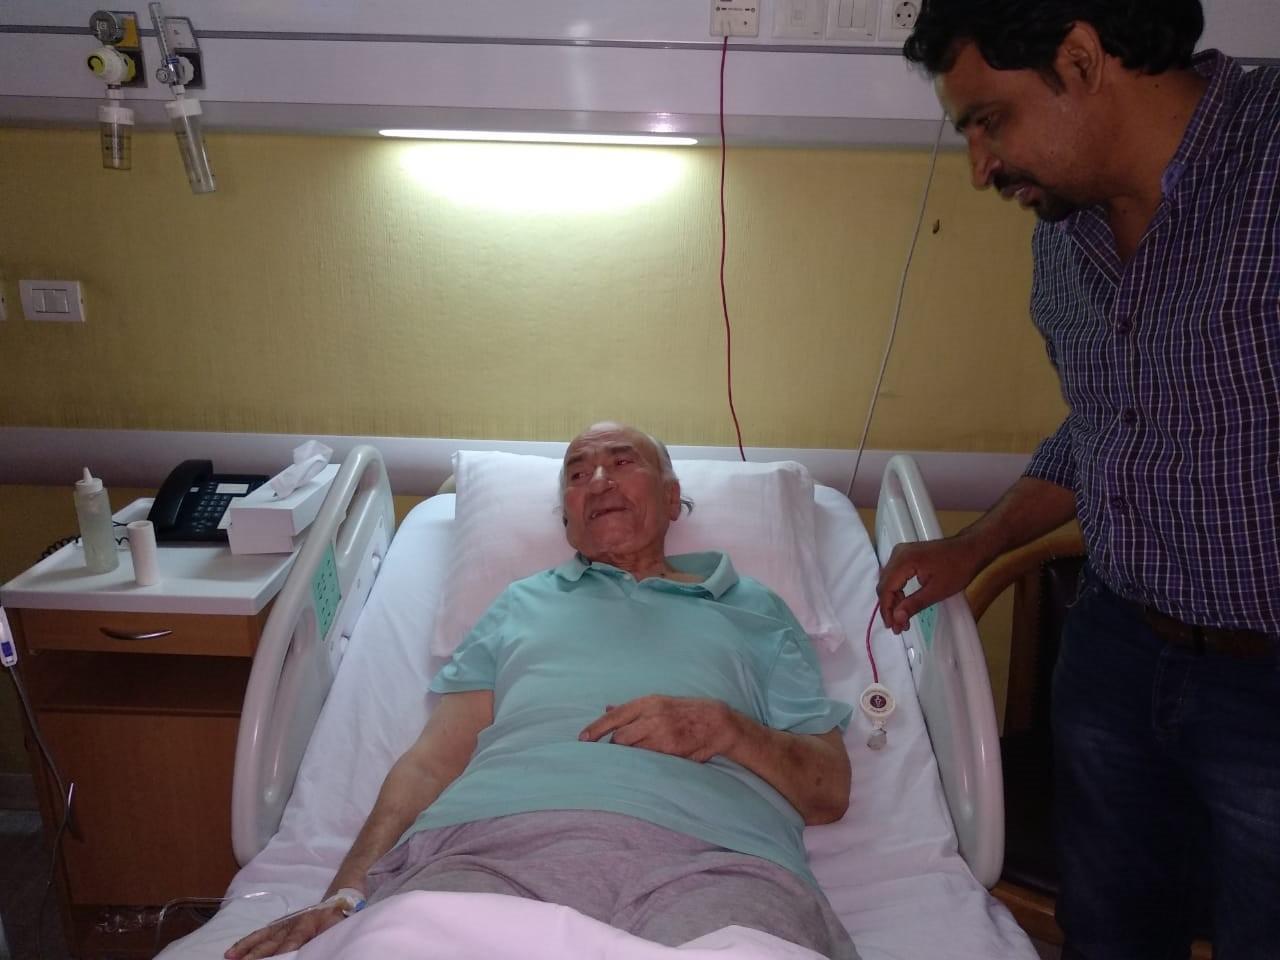 نقل الدكتوريوسف والى لمستشفى الزراعيين..وفريق طبى يعد تقريرا حول حالته  142234-يوسف-والى--فى--حضرة-مستشفى-الزراعيين-(9)